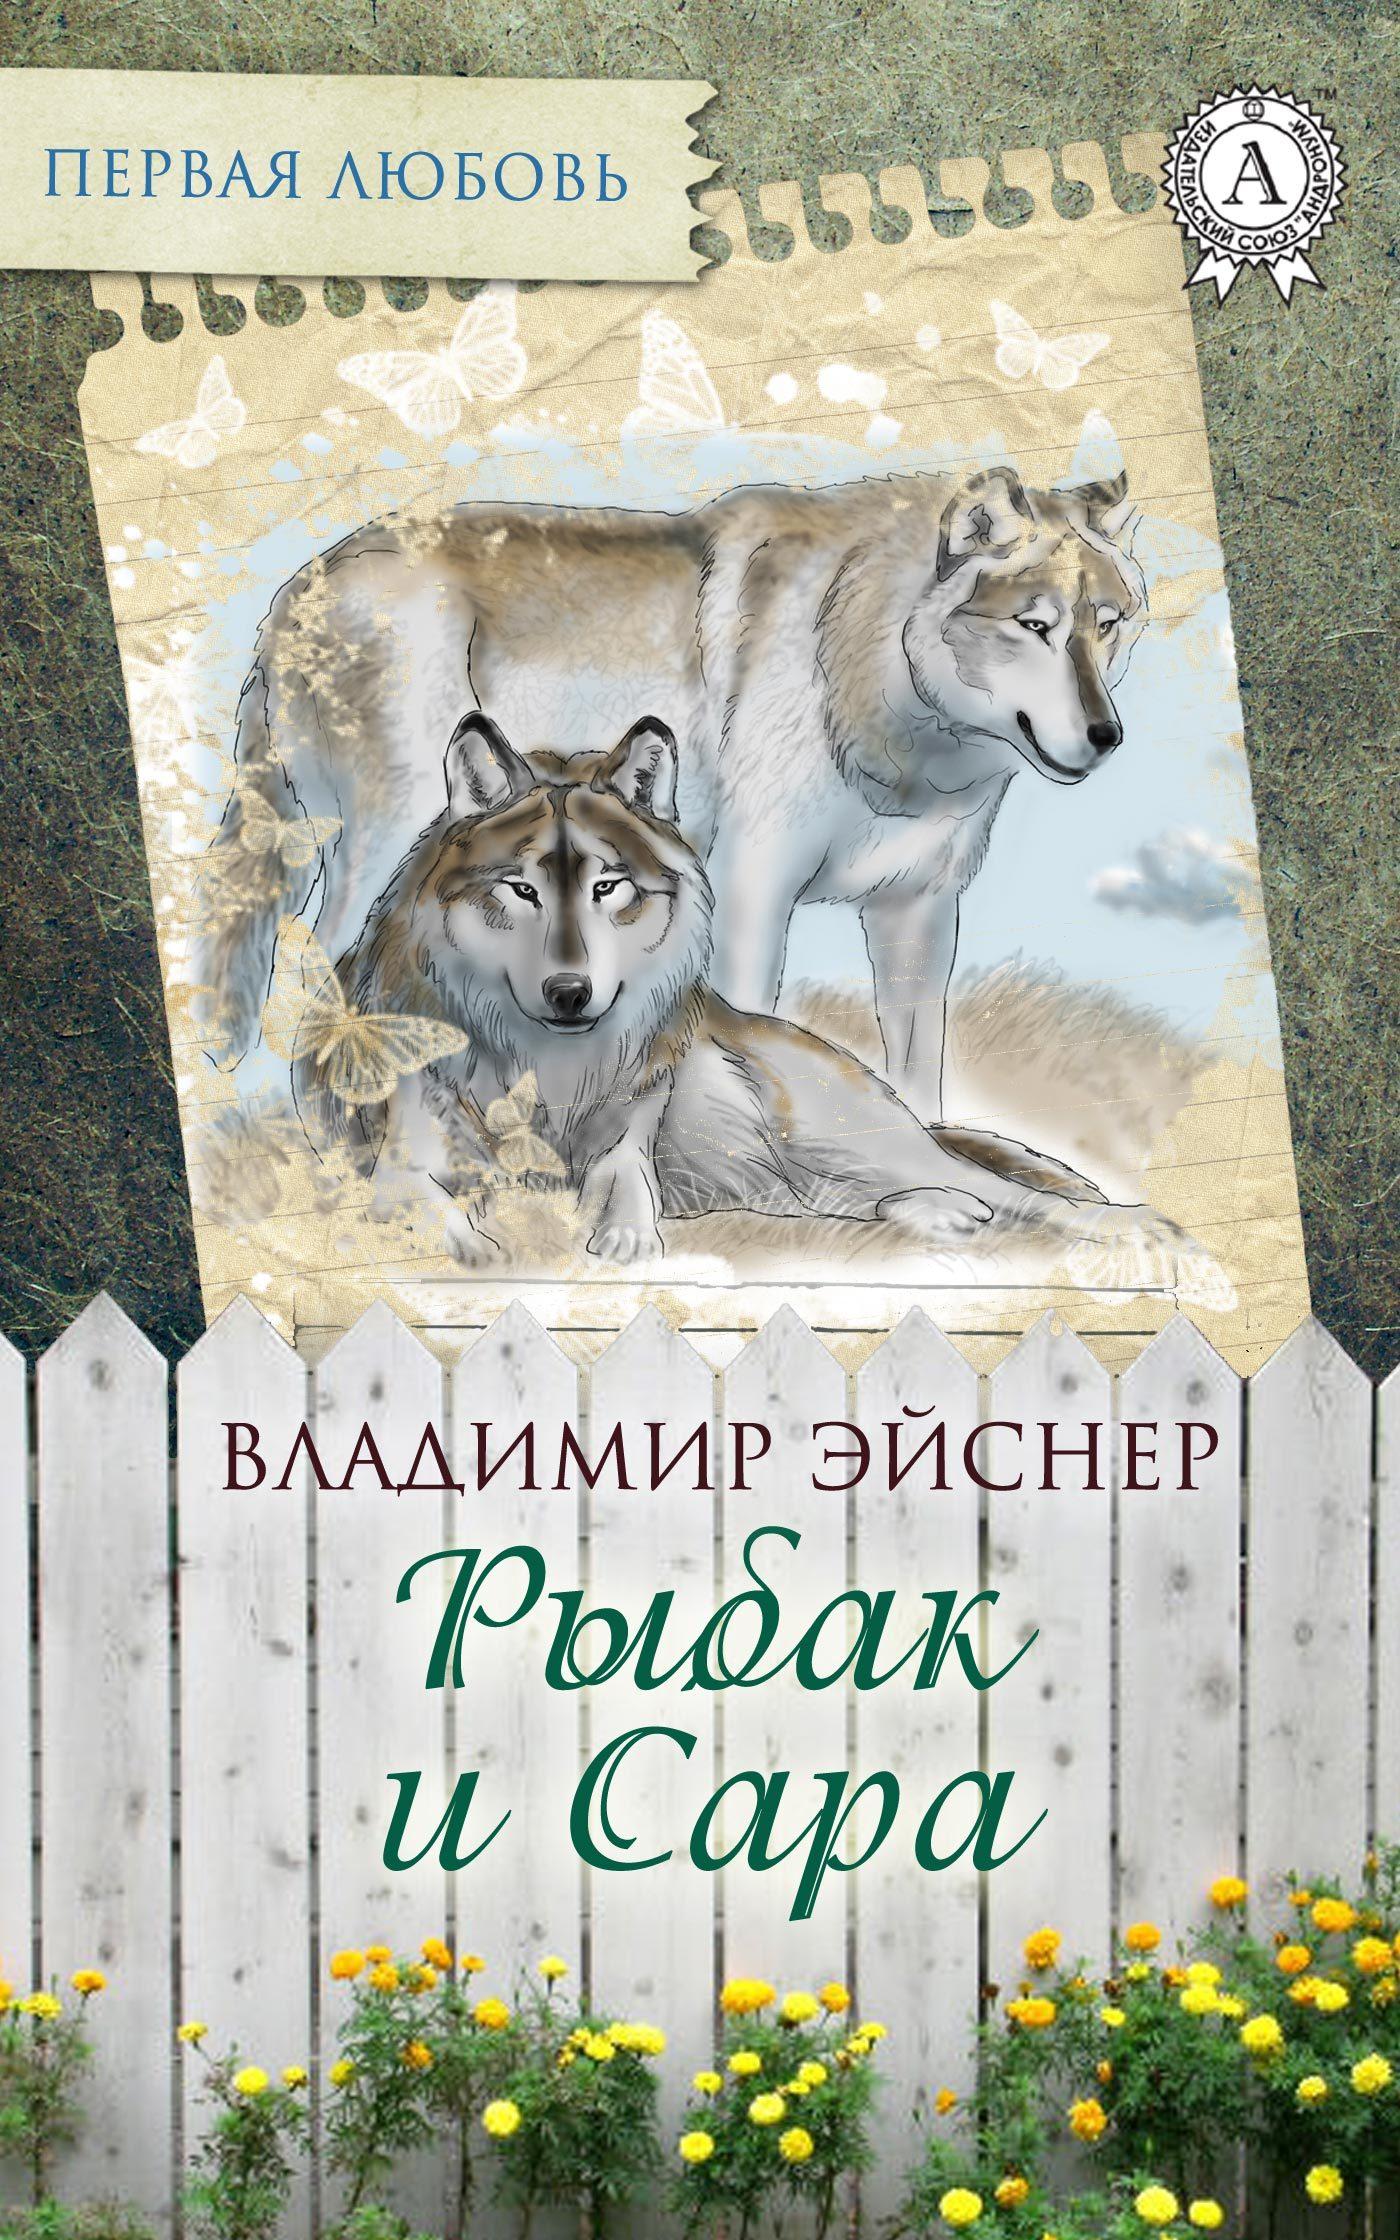 Скачать книгу бесплатно в формате fb2 с картинками